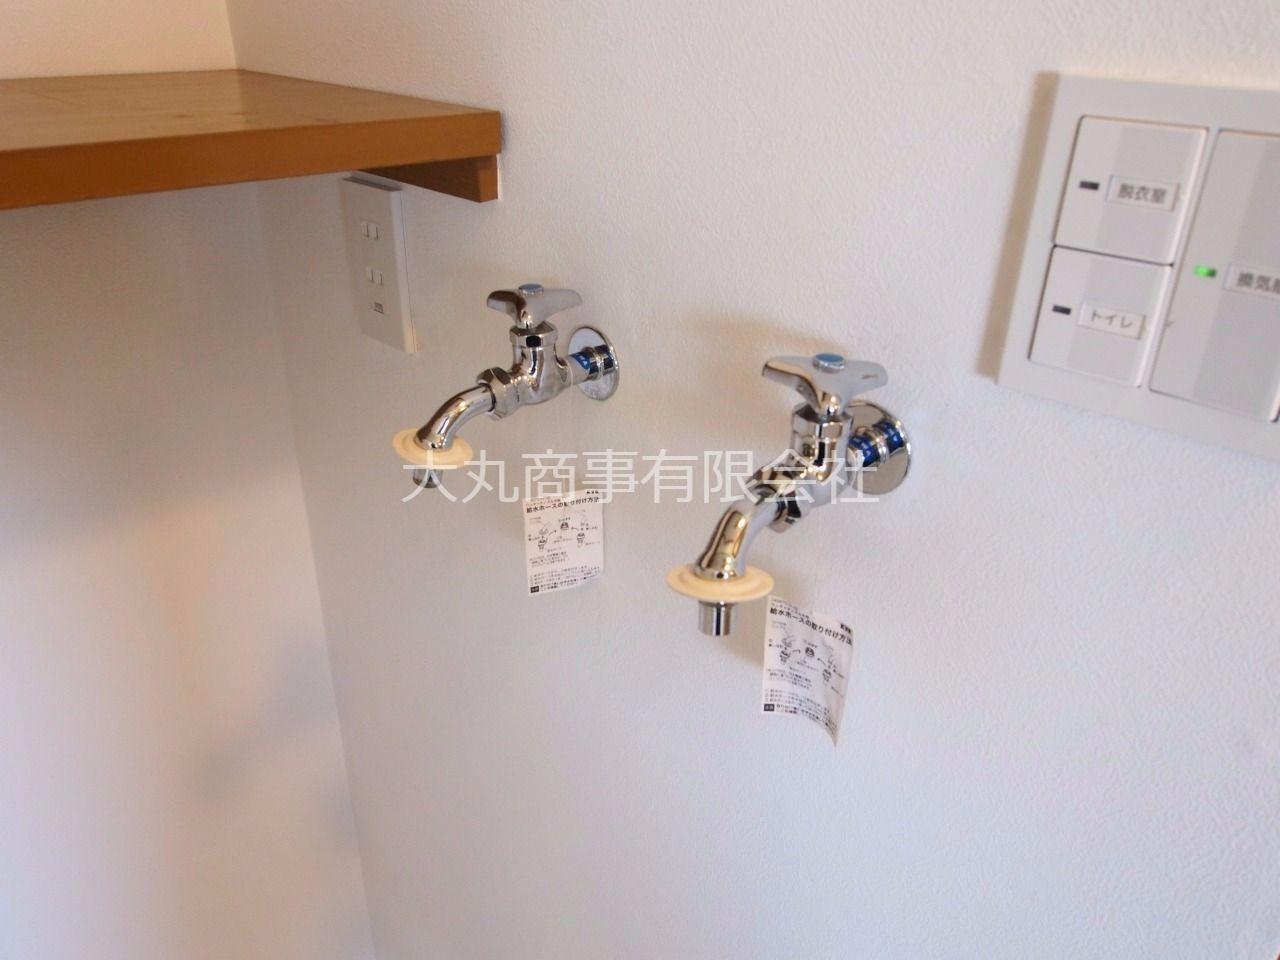 お湯が出る洗濯水栓は冬場も活躍しそう